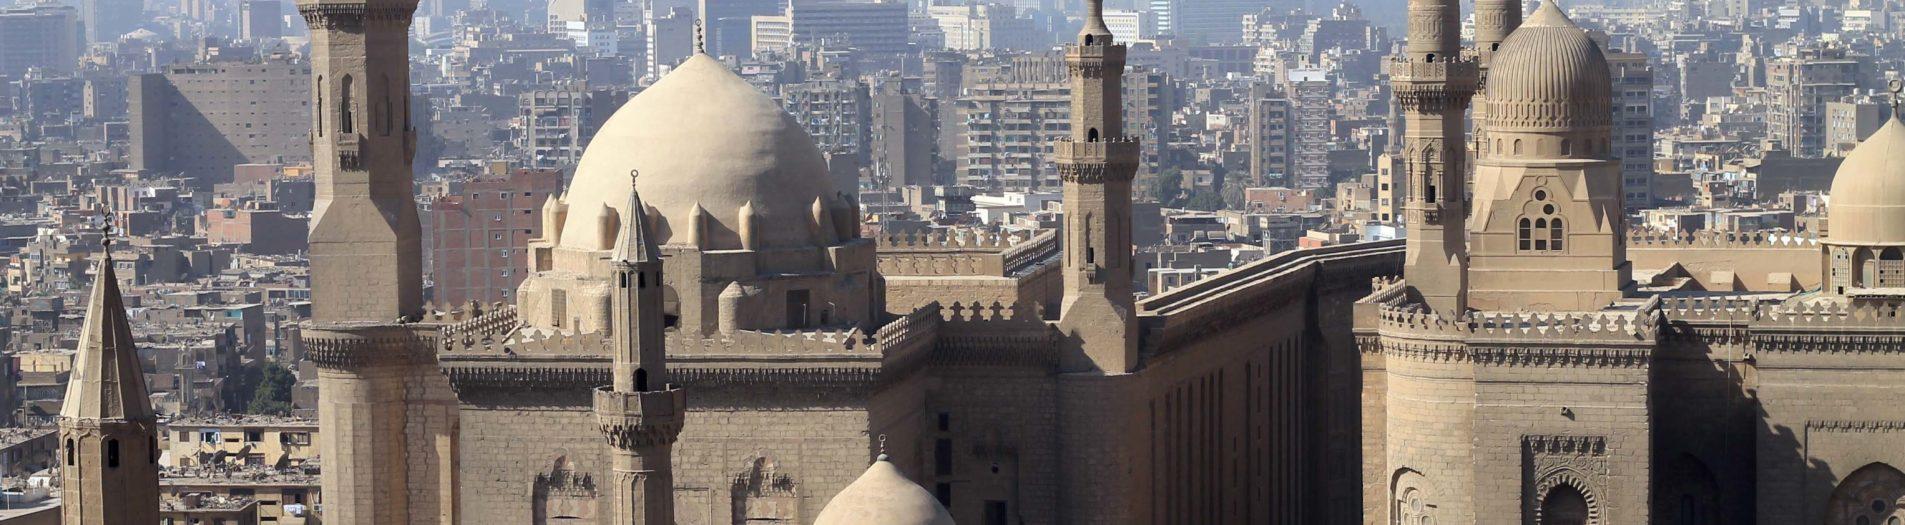 الصفاقسيون في مصر من القرن السادس عشر إلى القرن التاسع عشر